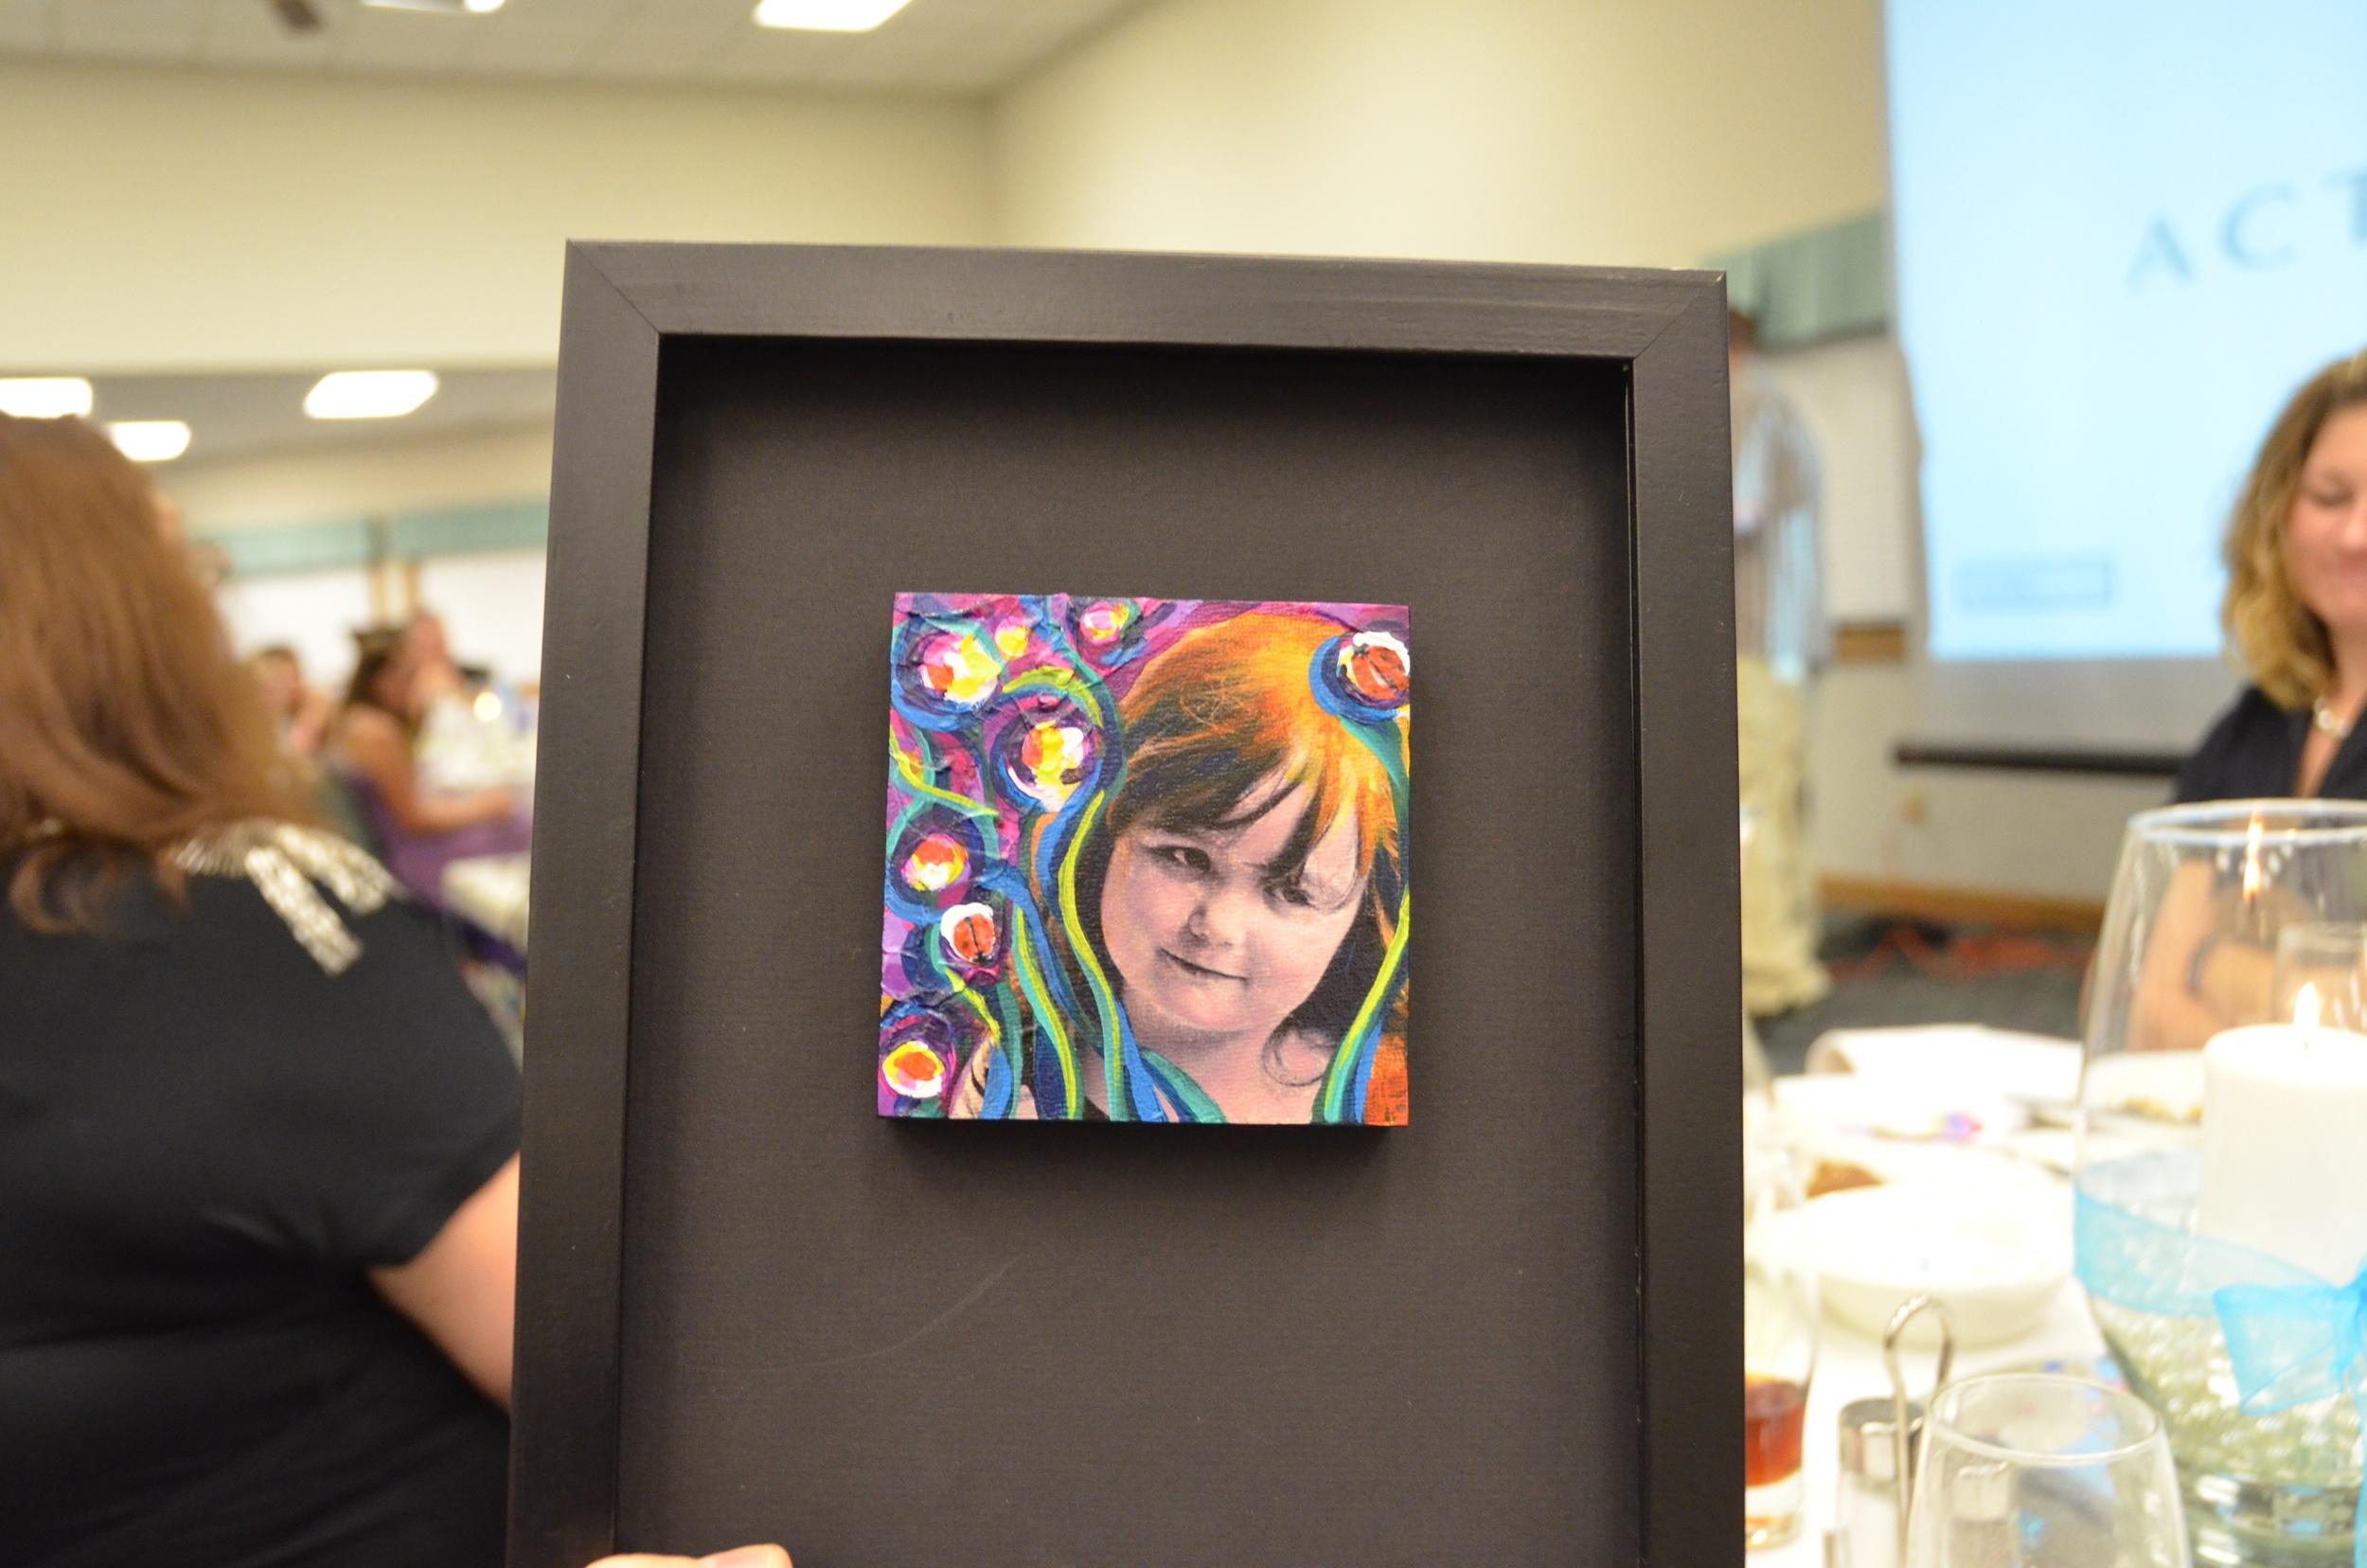 1 Art Dinner 9 10 2011  95060 - 2011-09-10 at 06-50-41.jpg